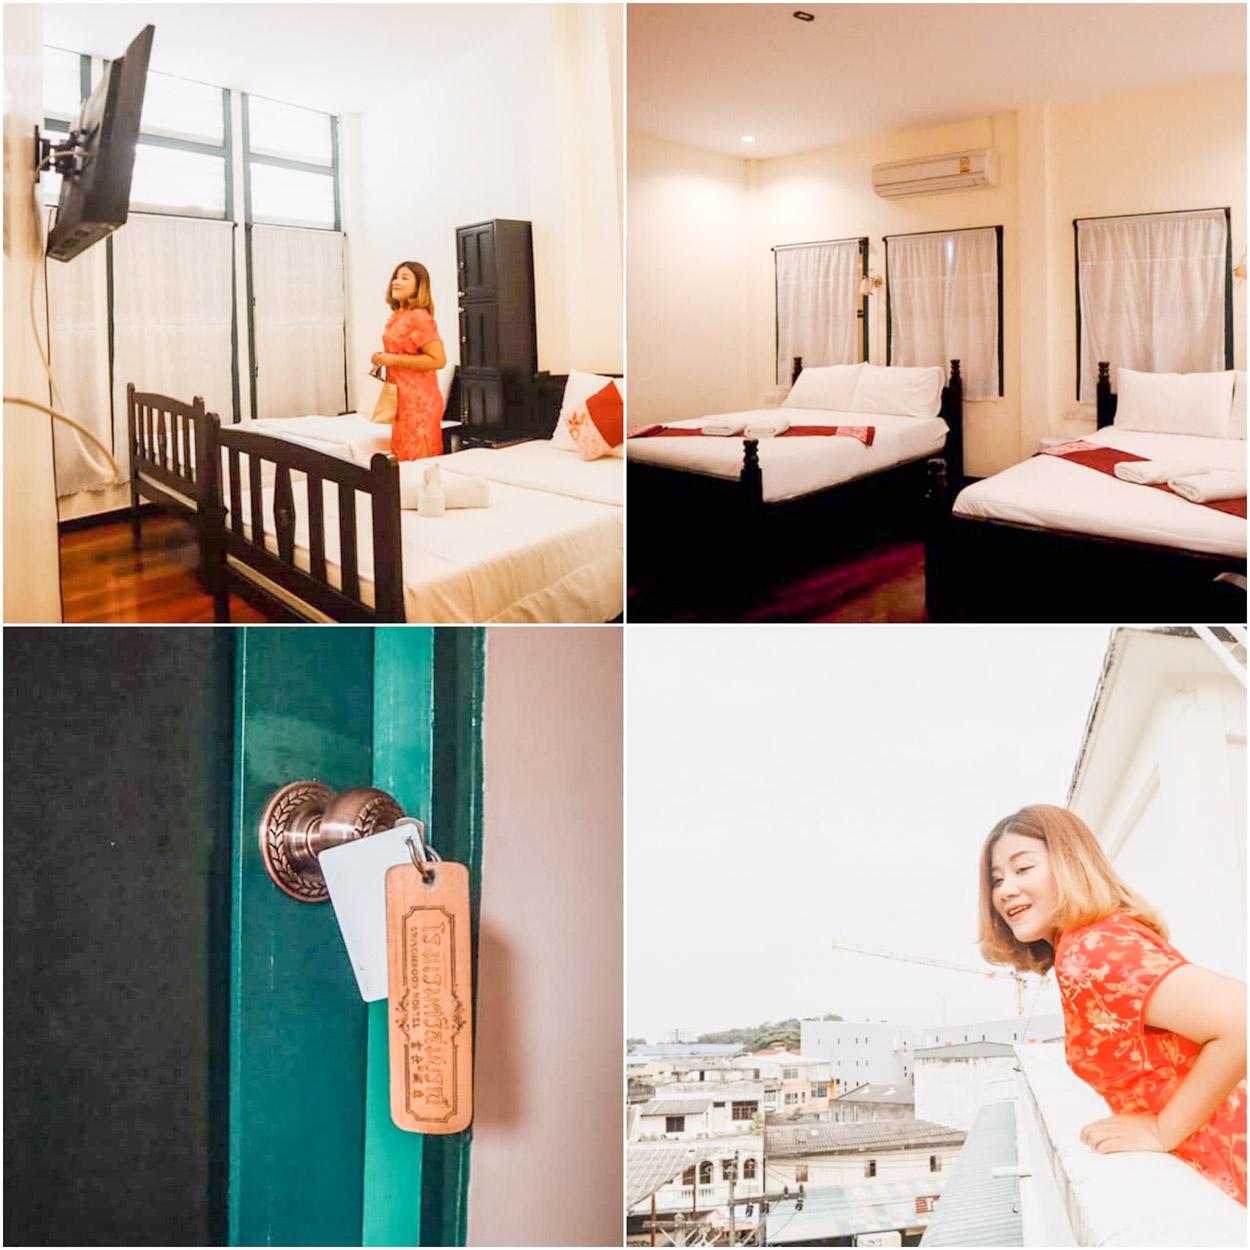 โรงแรมศรีสมบูรณ์/Srisomboon Hostel ที่พักตรังในตัวเมืองใกล้หอนาฬิกาตรังเดินทางง่ายสะดวกสบายต้องห้ามพลาด